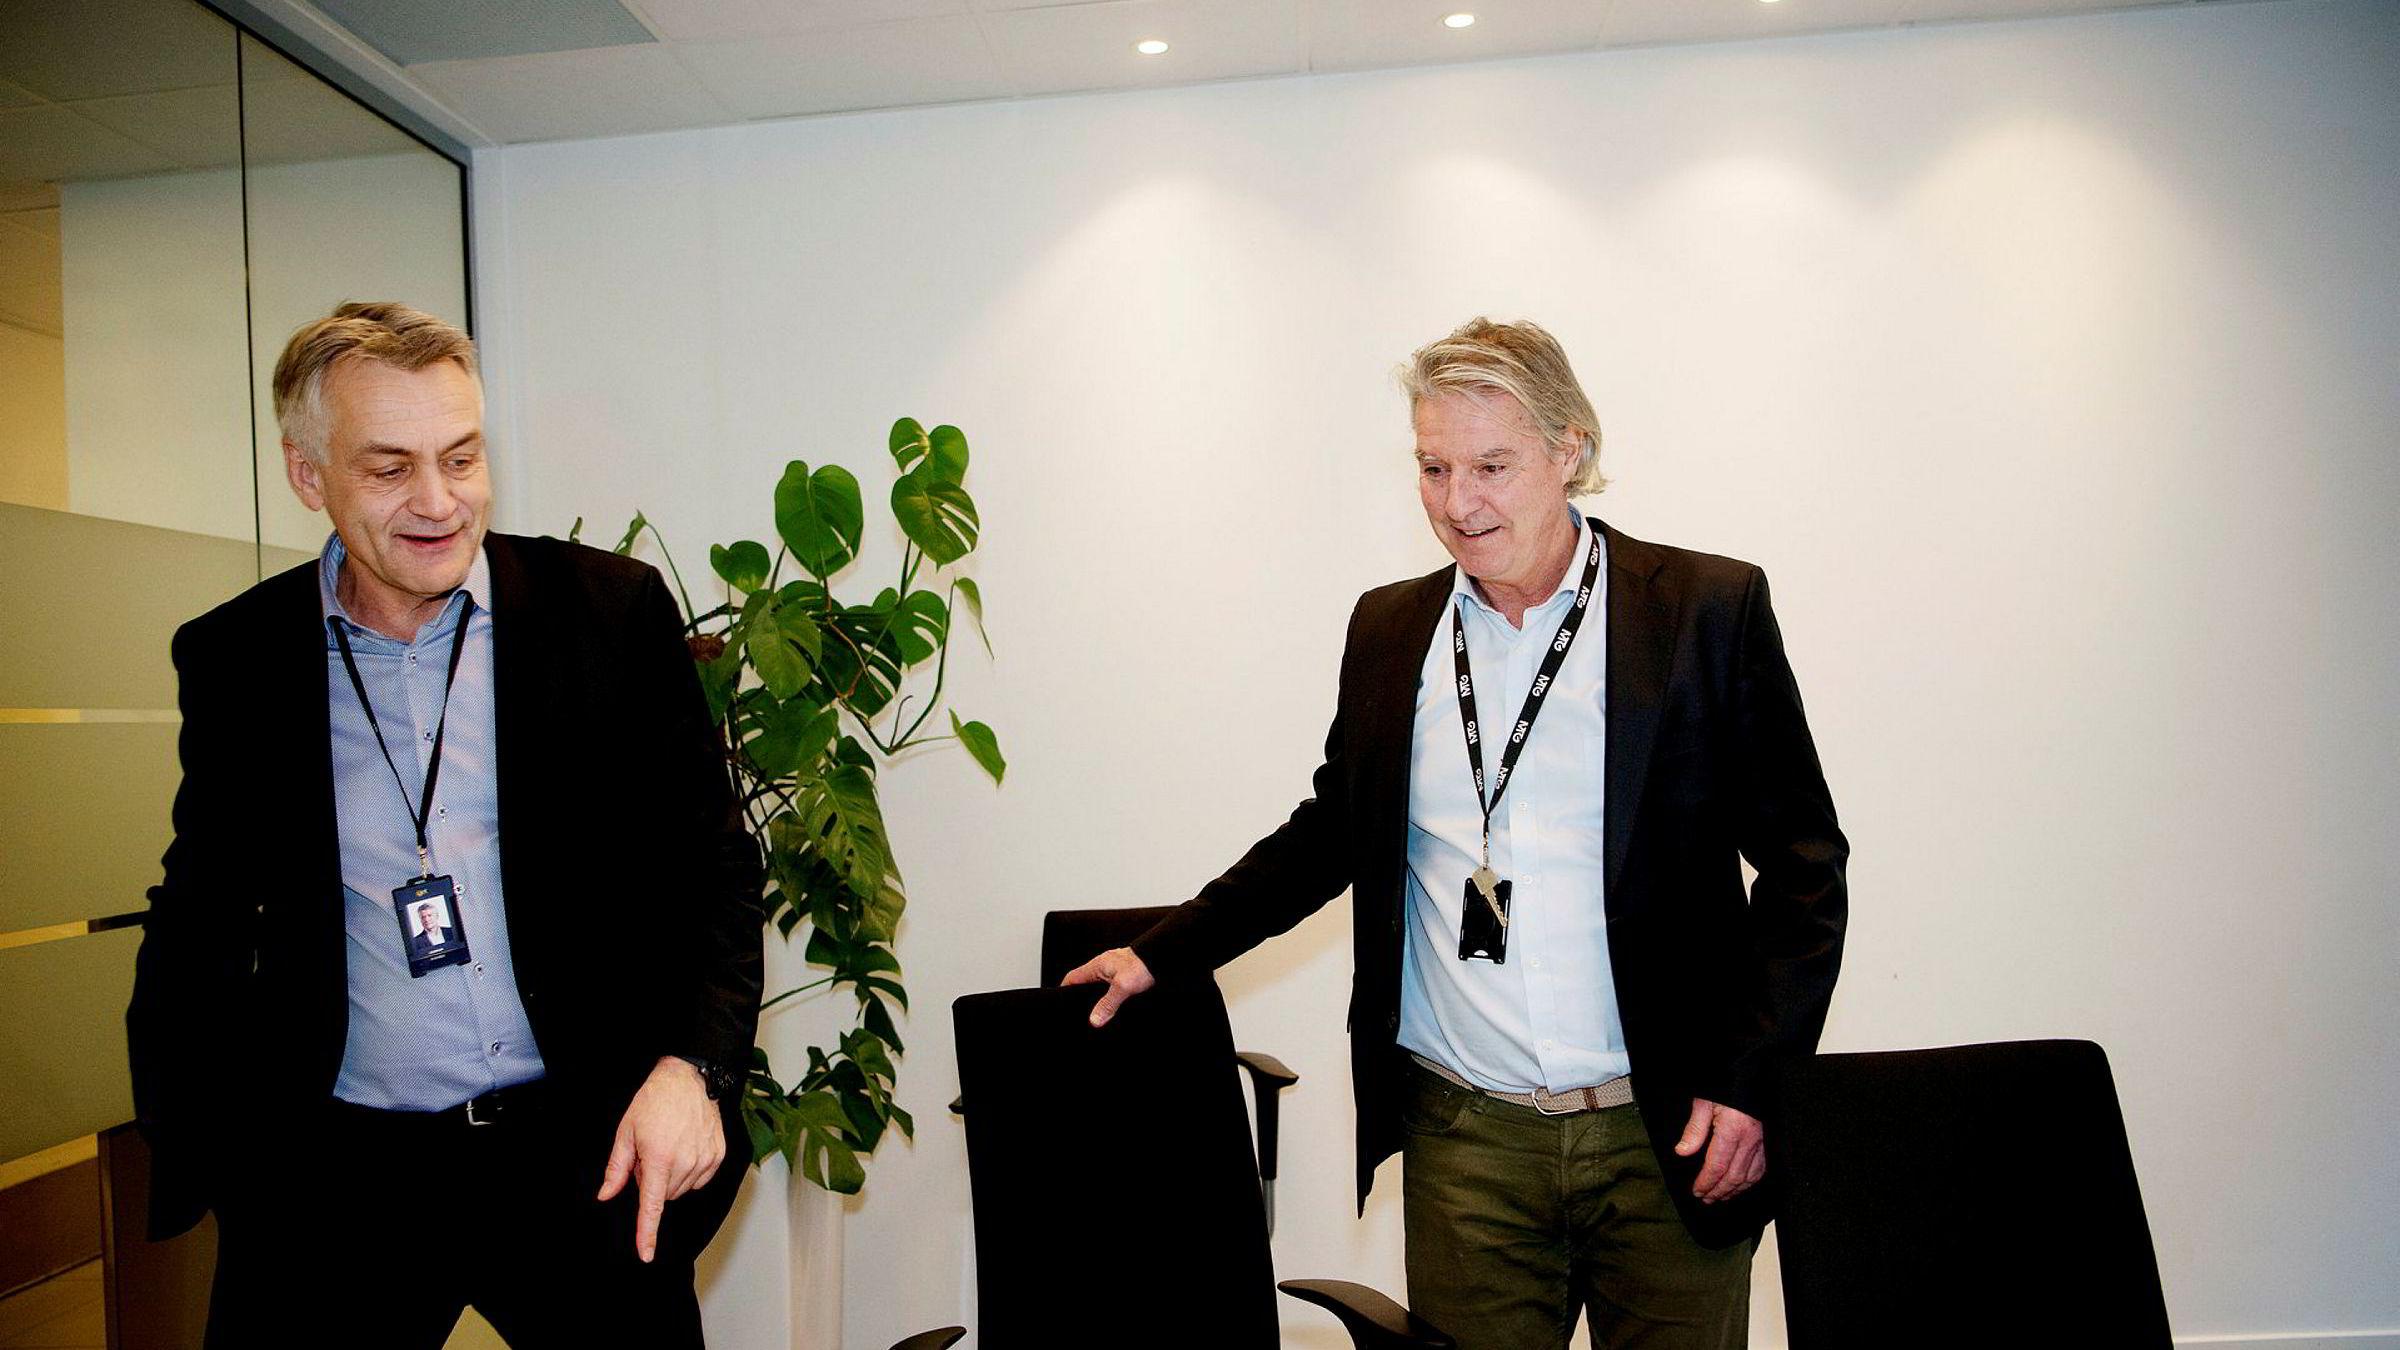 Gunnar Evensen i Get og TDC Norge og Morten Aass i MTG Norge, her i forbindelse med at fusjonen mellom selskapene ble annonsert 1. februar.